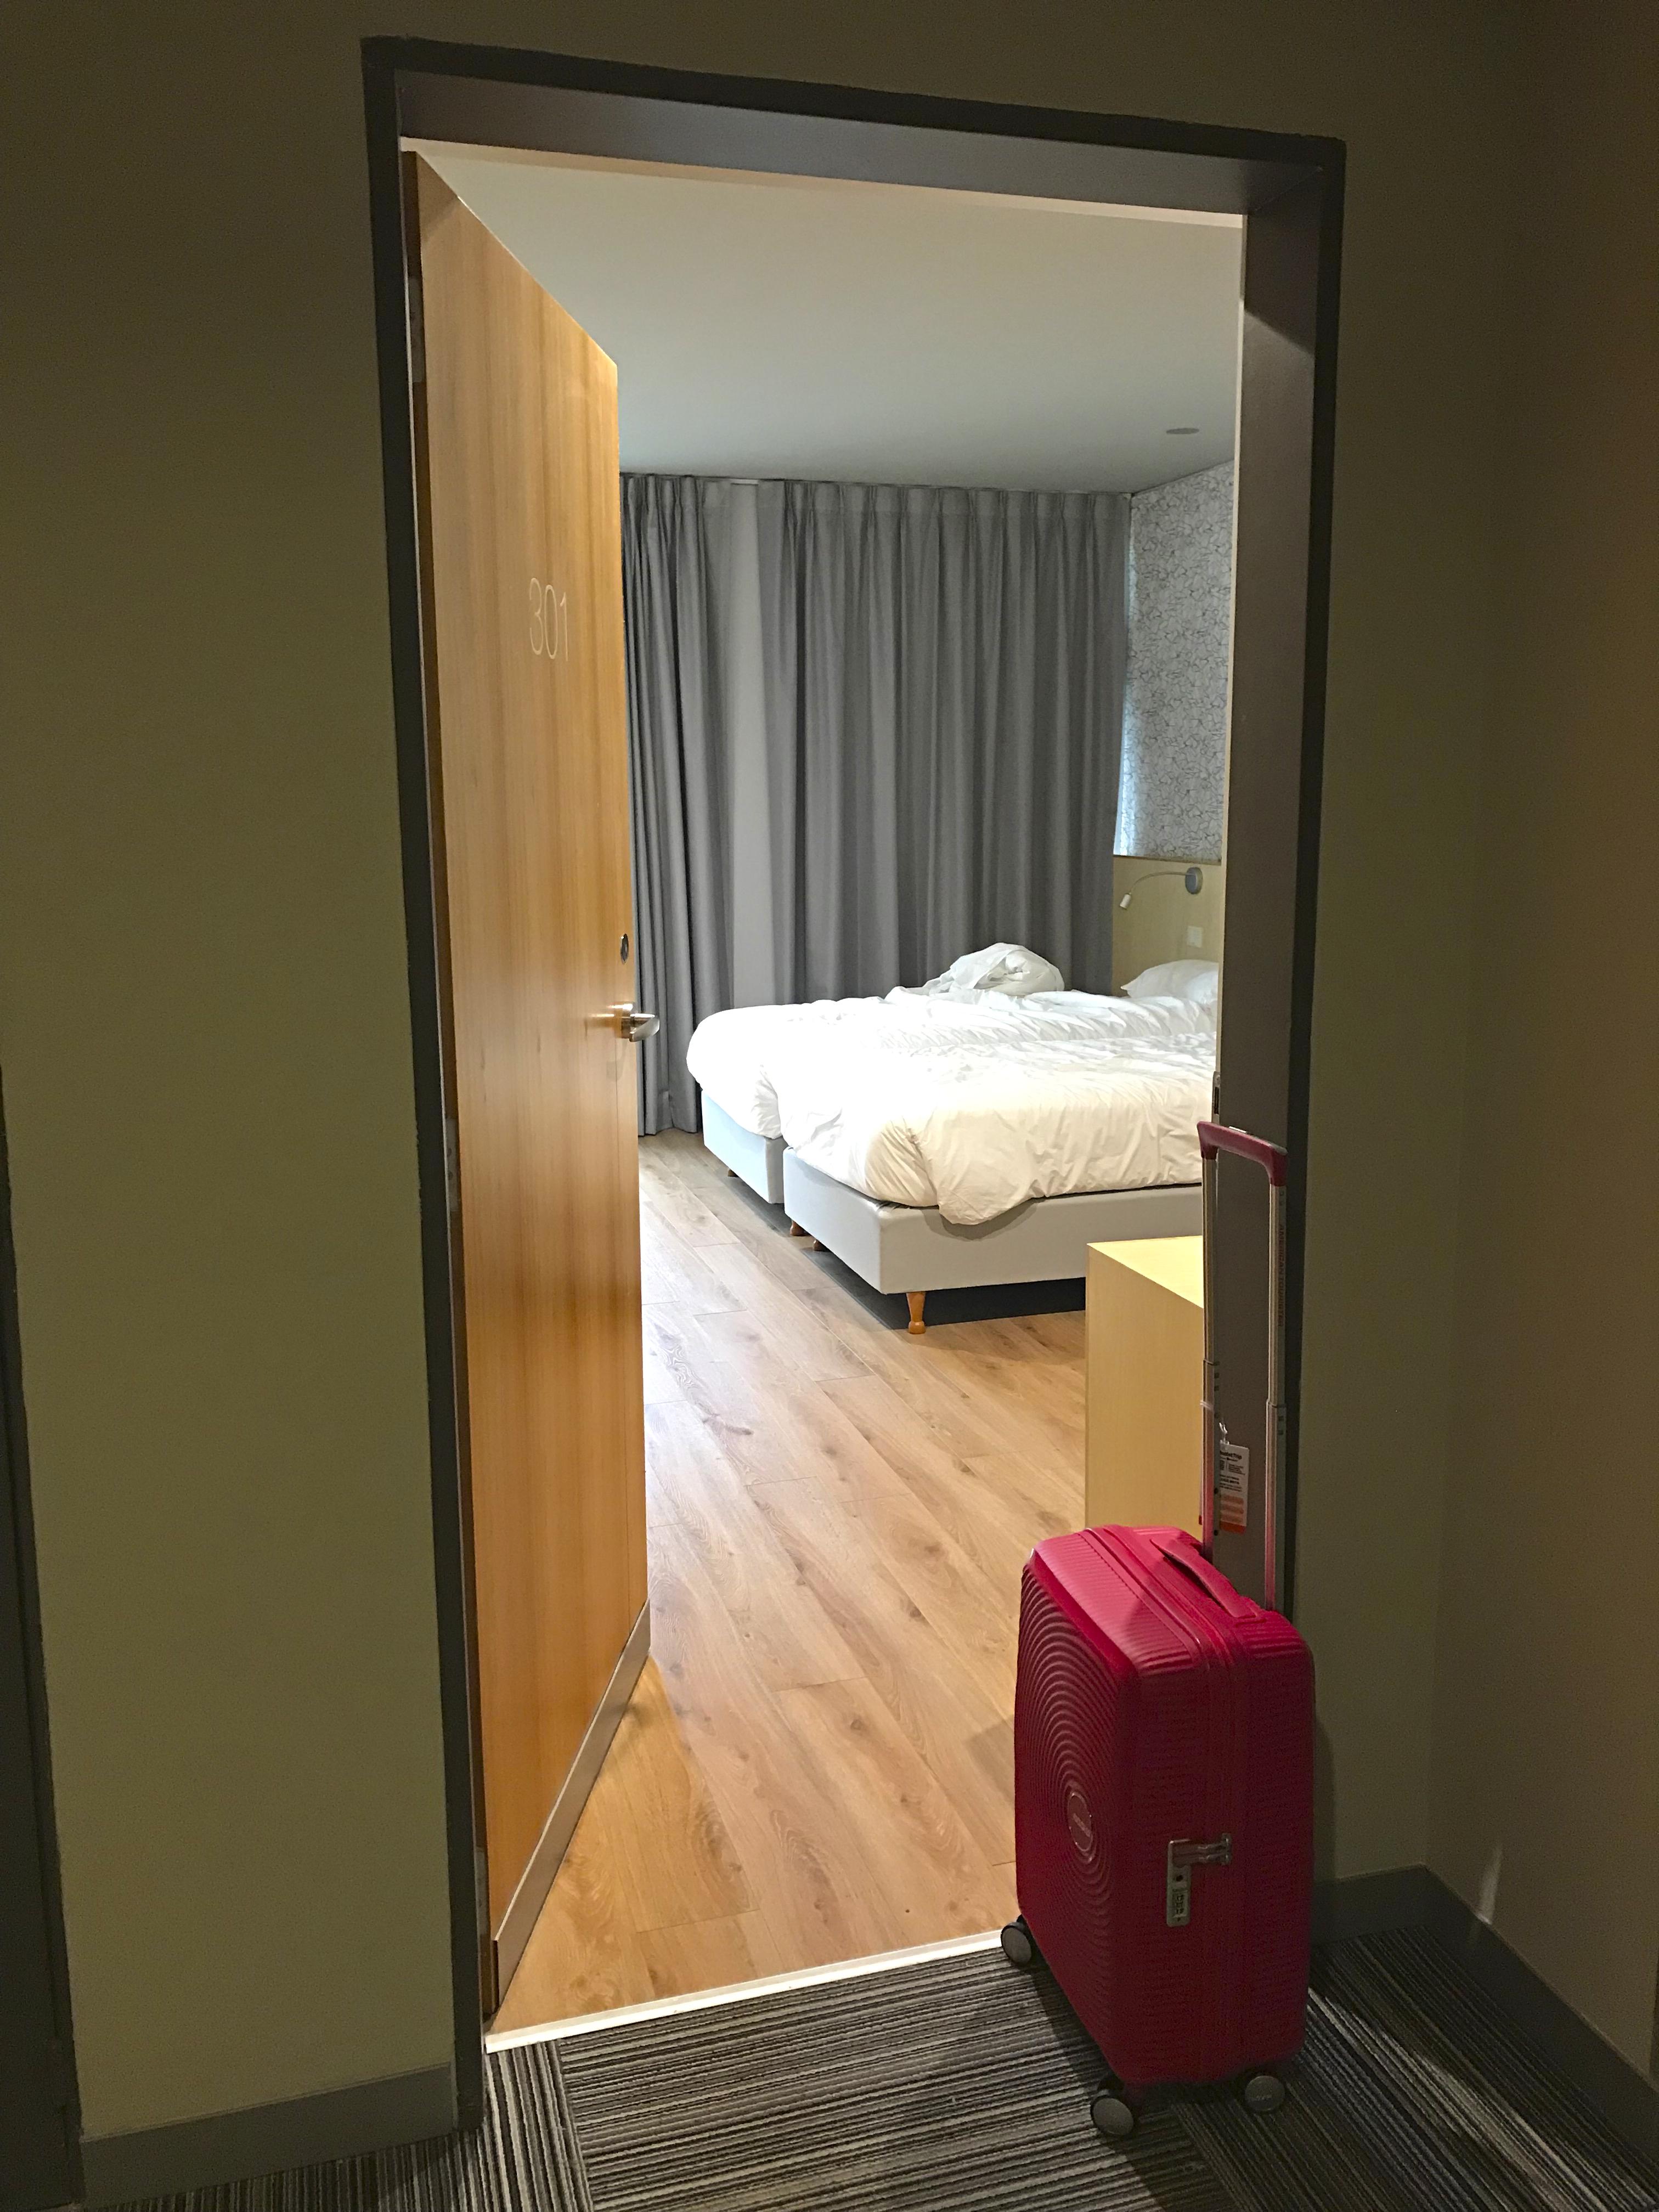 Entrada do quarto de hotel do Own Madero Buenos Aires com duas camas, bancada e cortinas ao fundo.